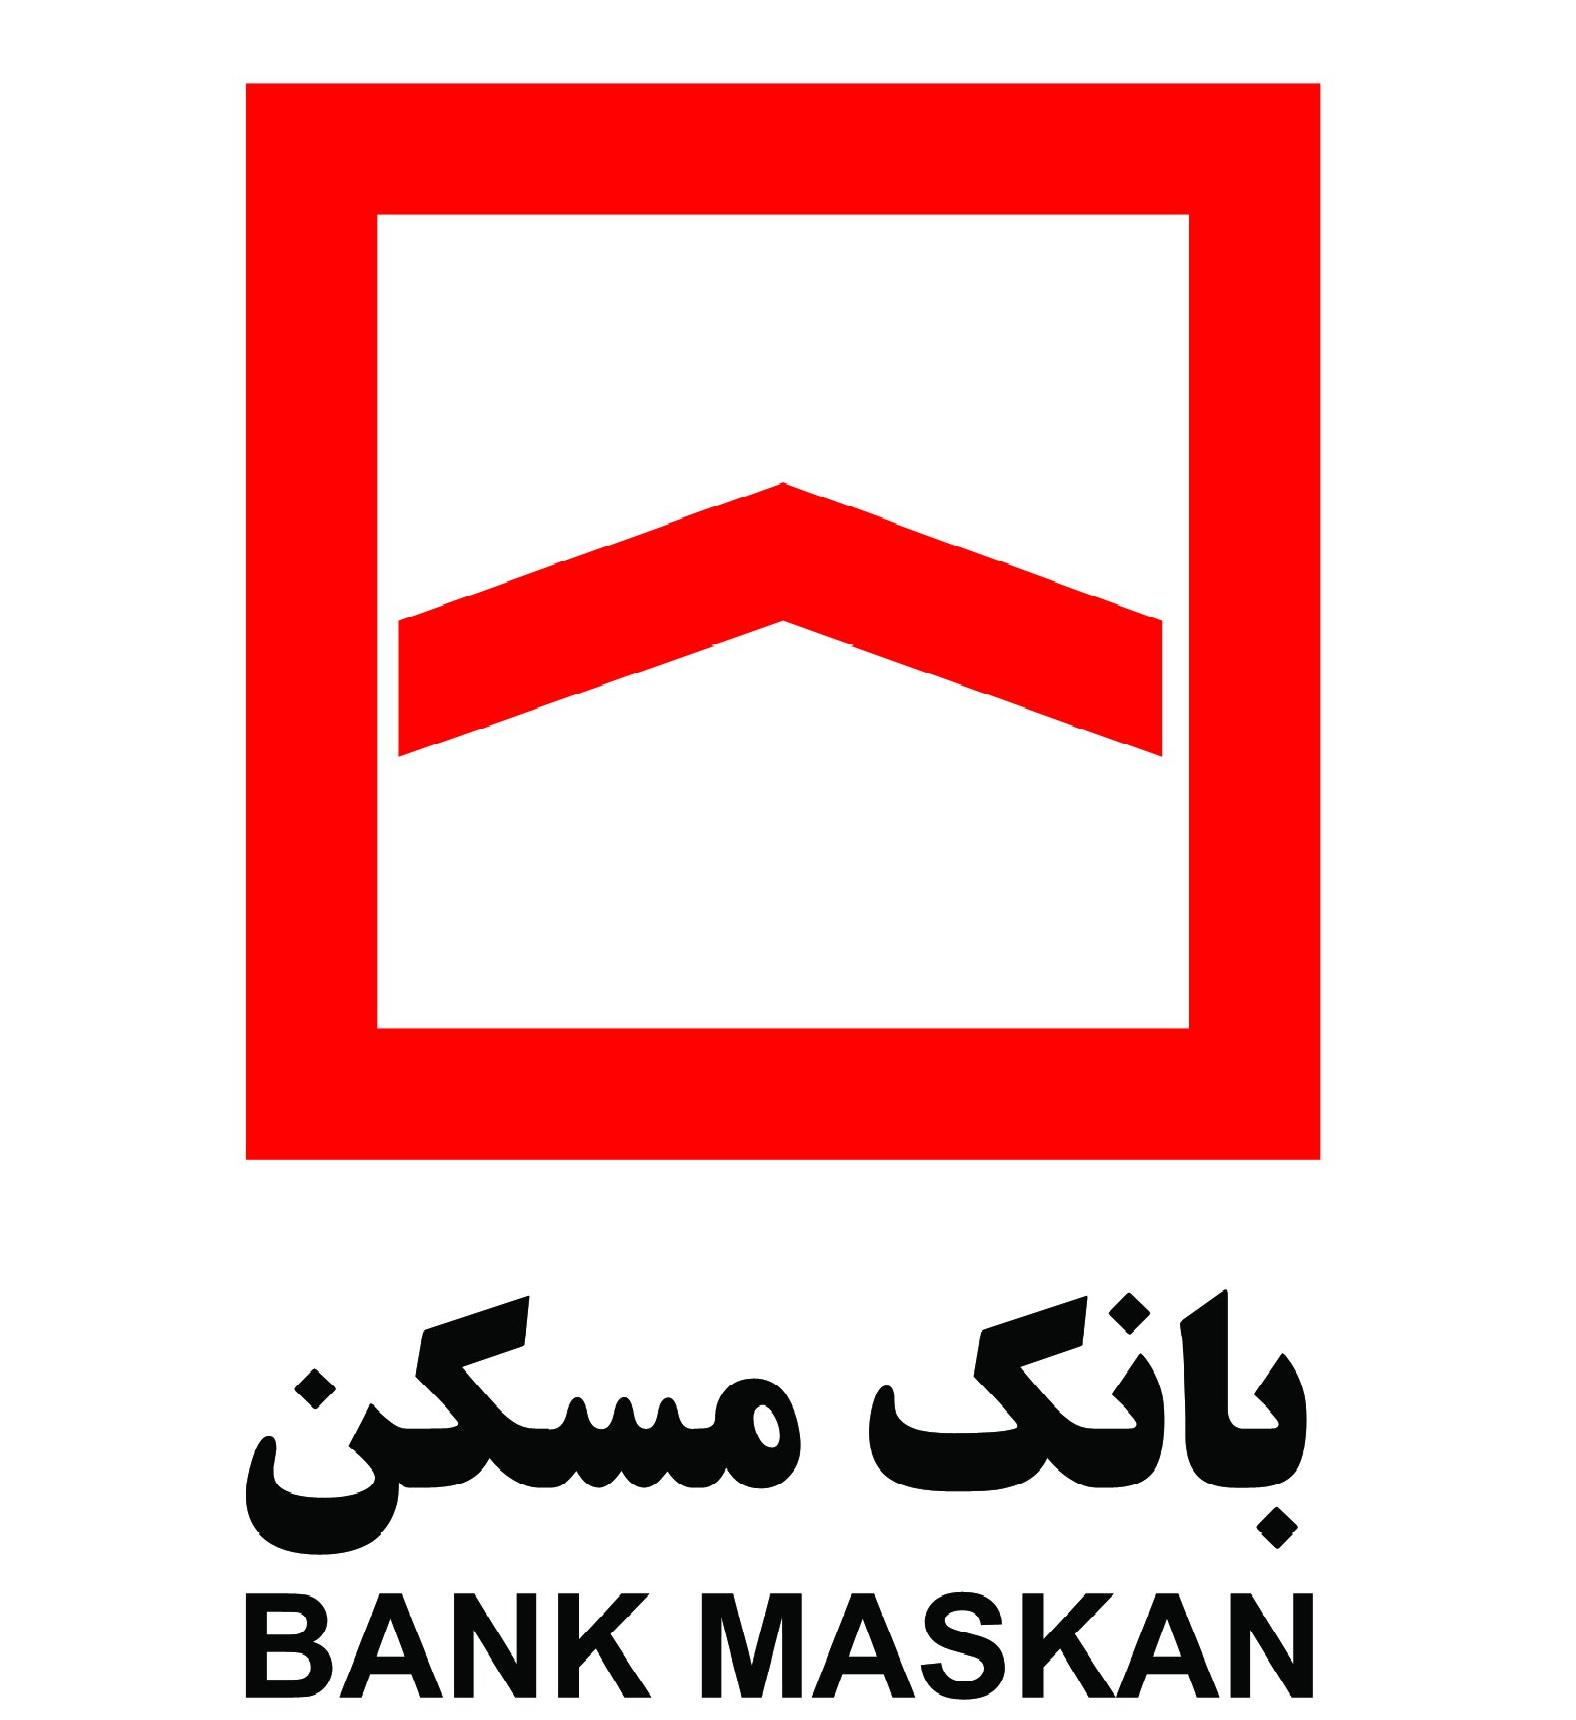 استخدام بانک مسکن